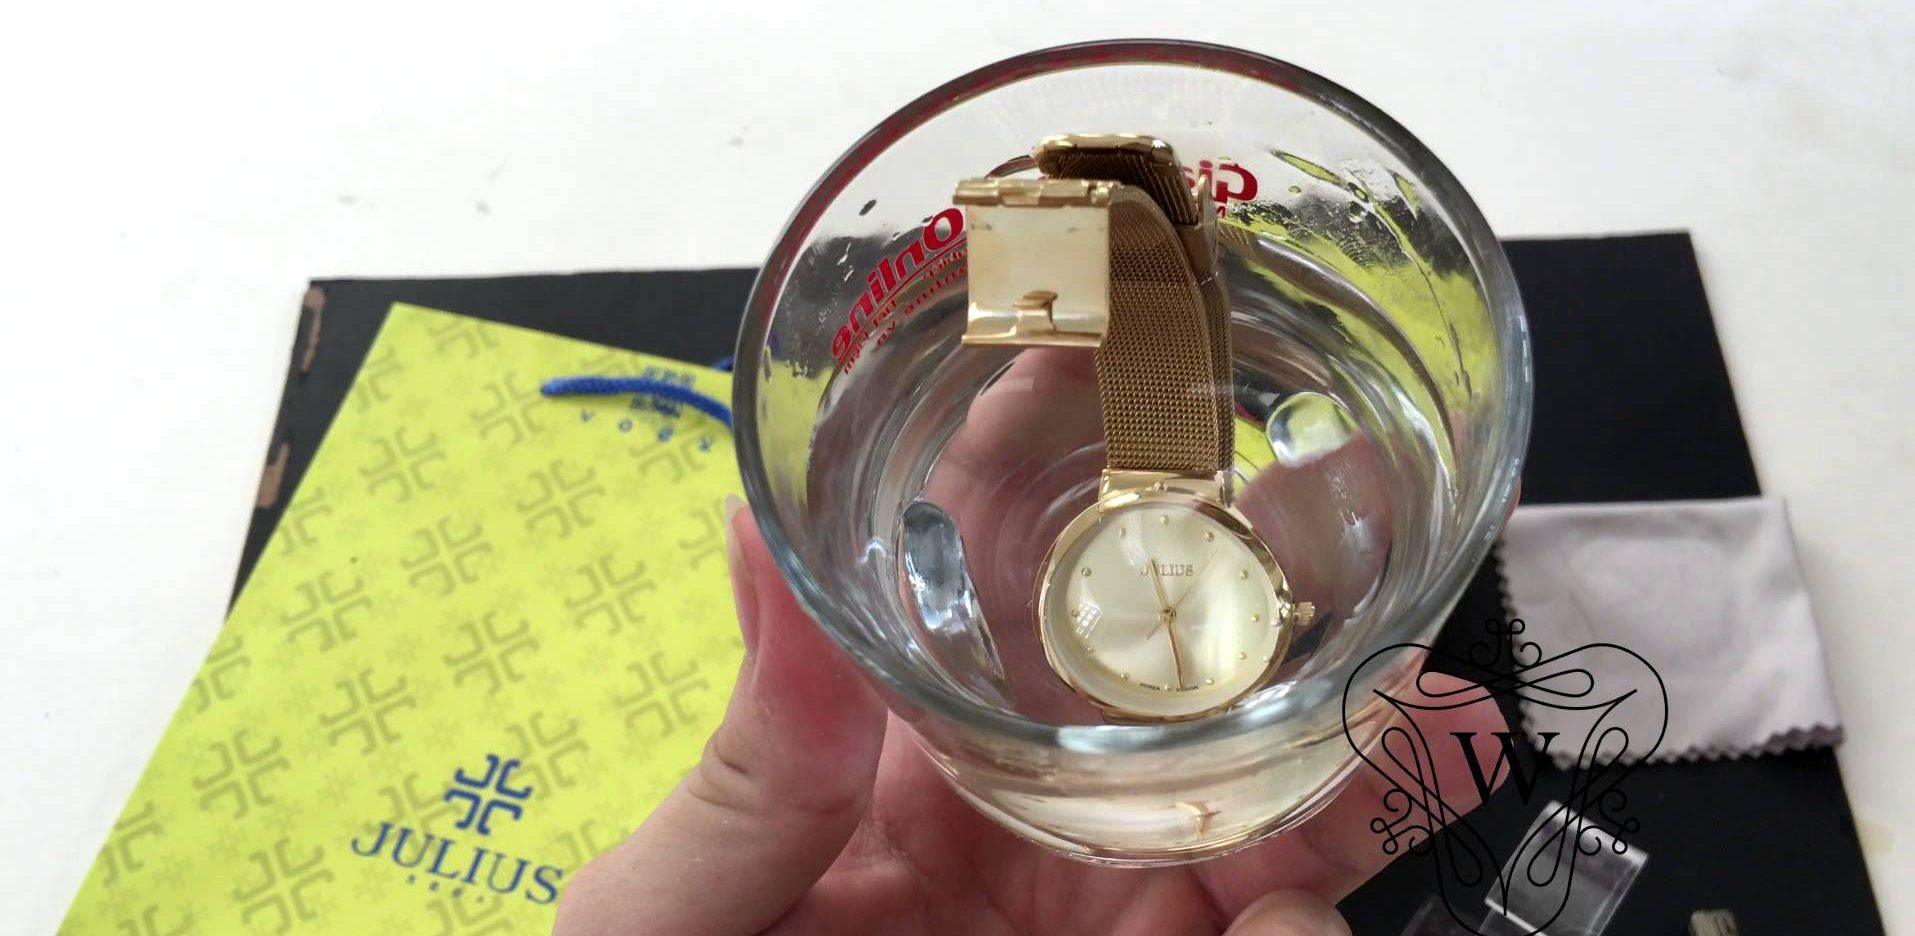 đồng hồ hàn quốc giá rẻ và nhiều tính năng